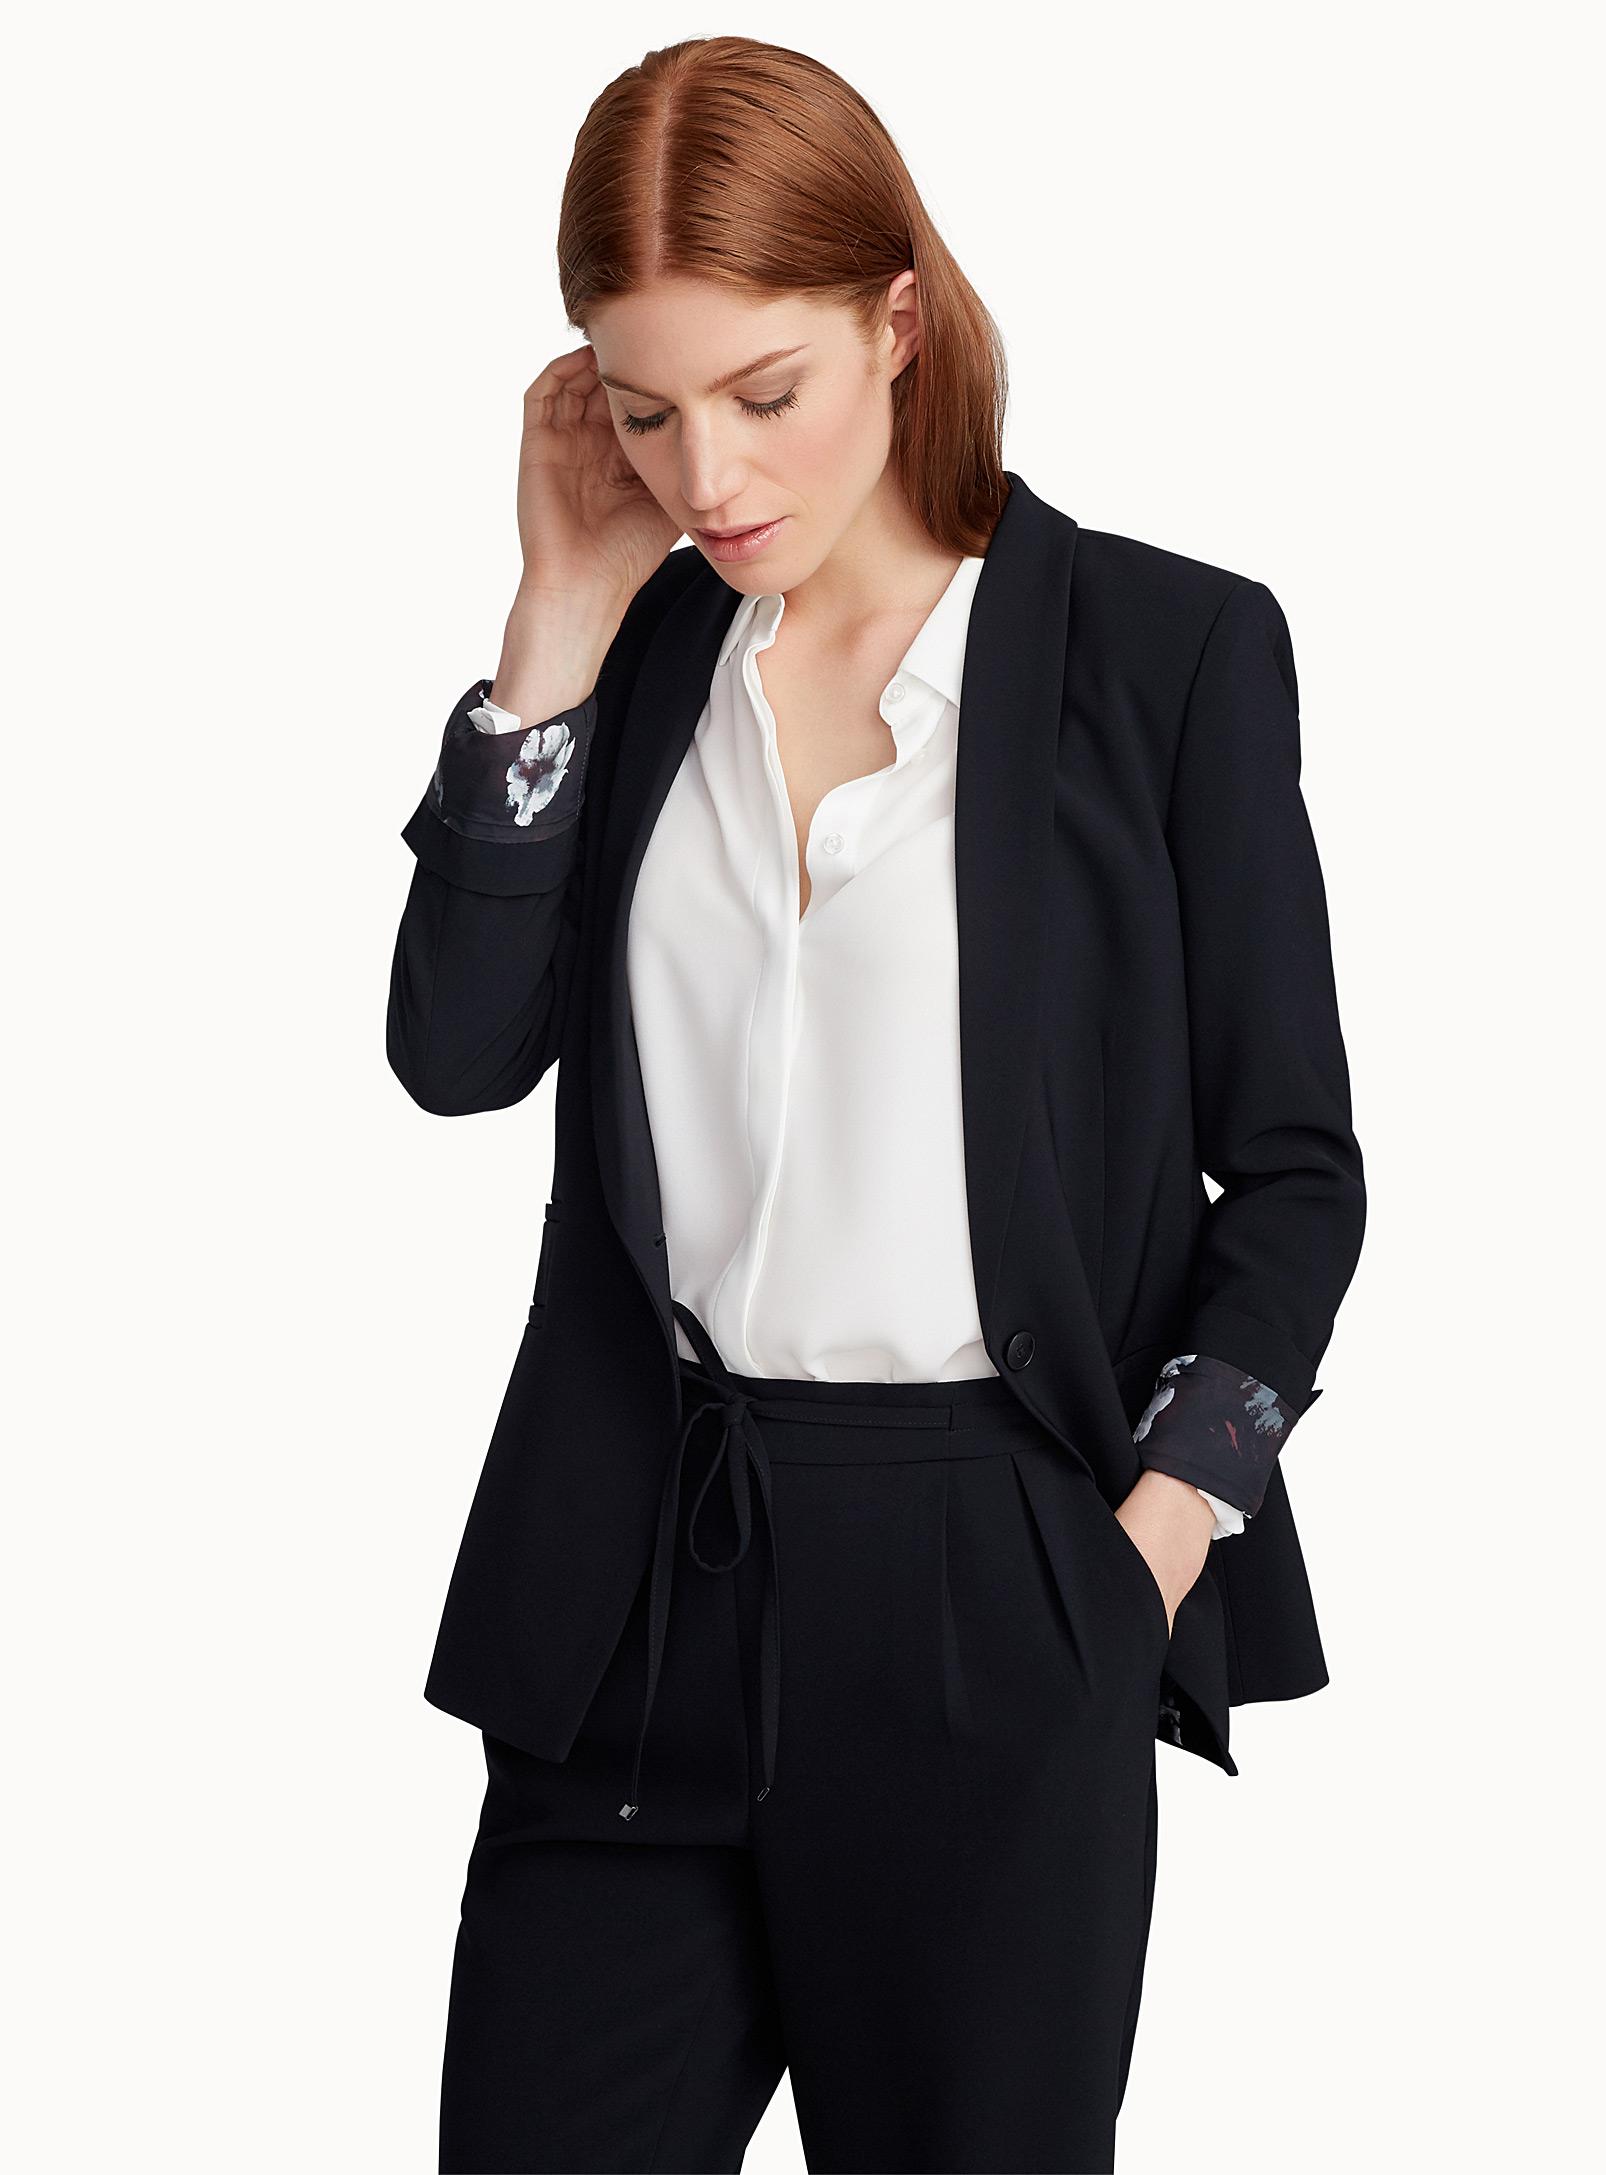 veston, veste, épaulettes